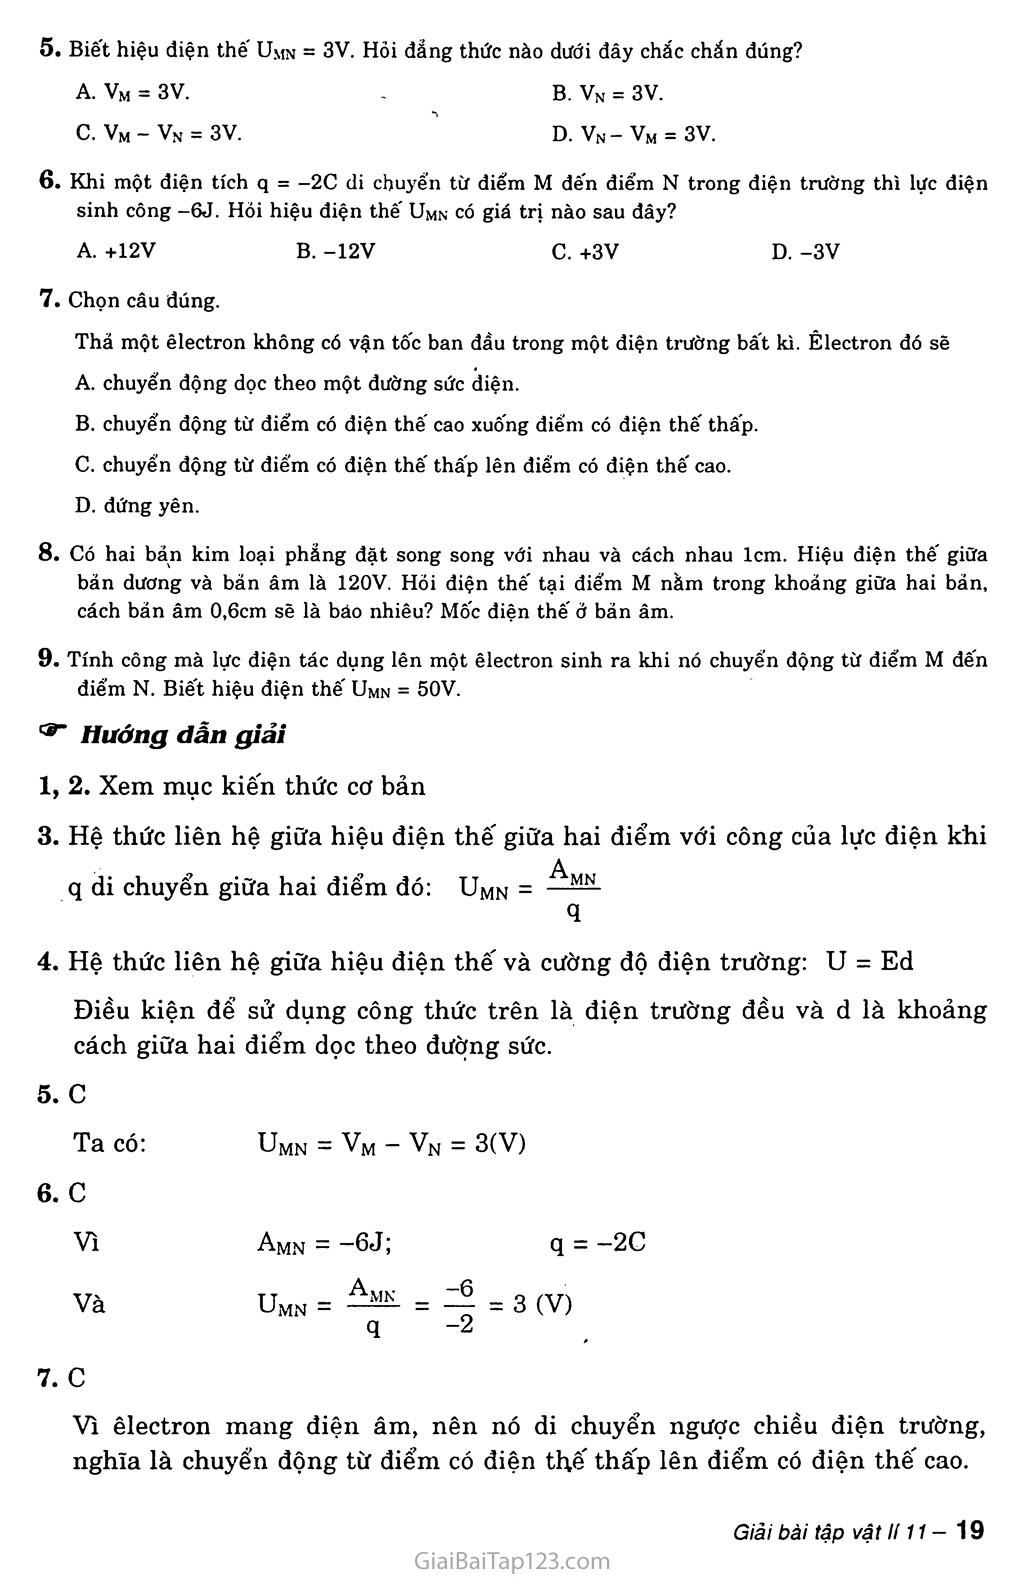 Bài 5: Điện thế. Hiệu điện thế trang 2